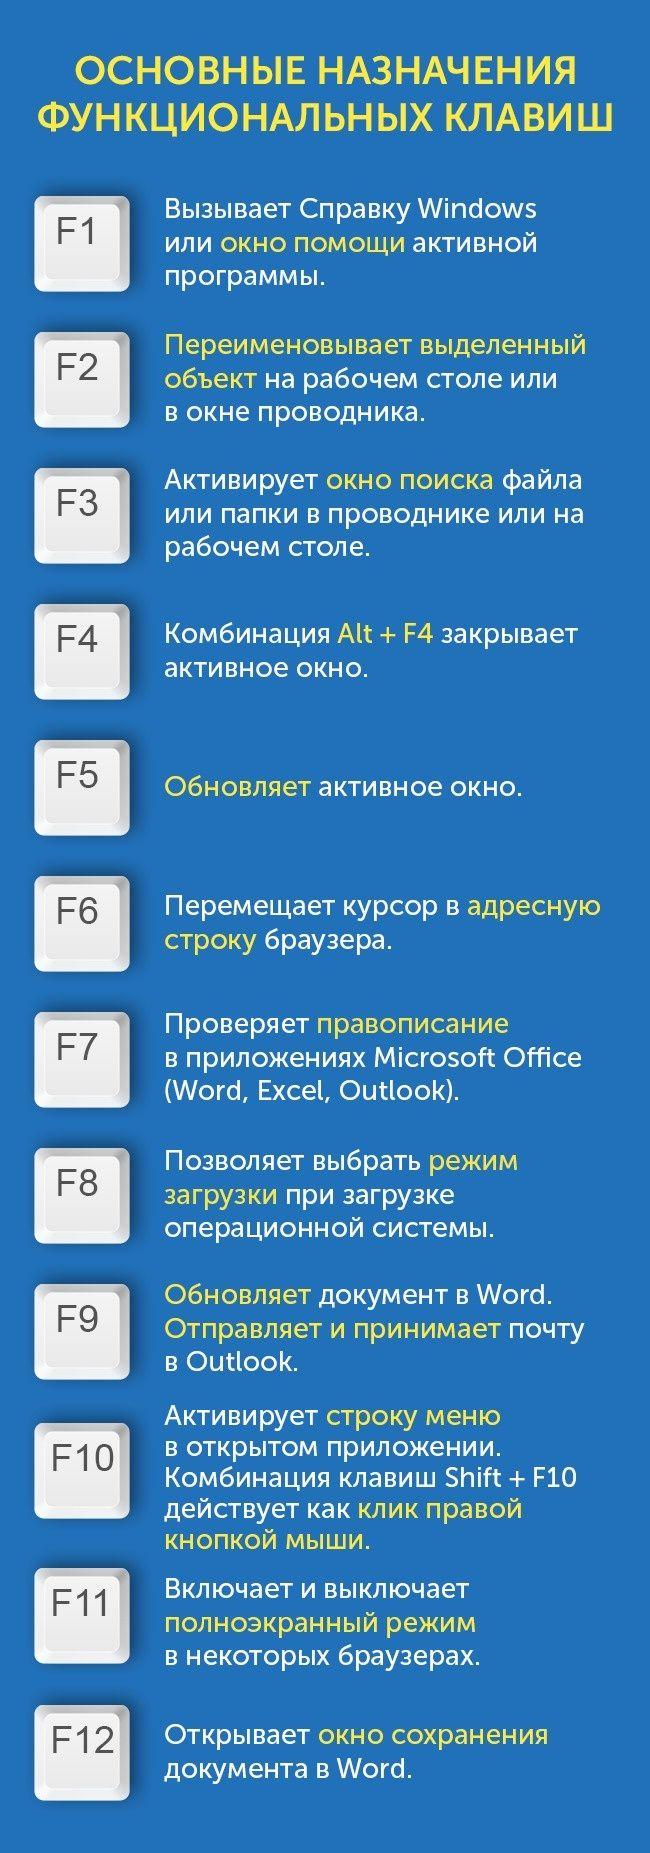 Так вот для чего нужны клавиши отF1доF12на клавиатуре